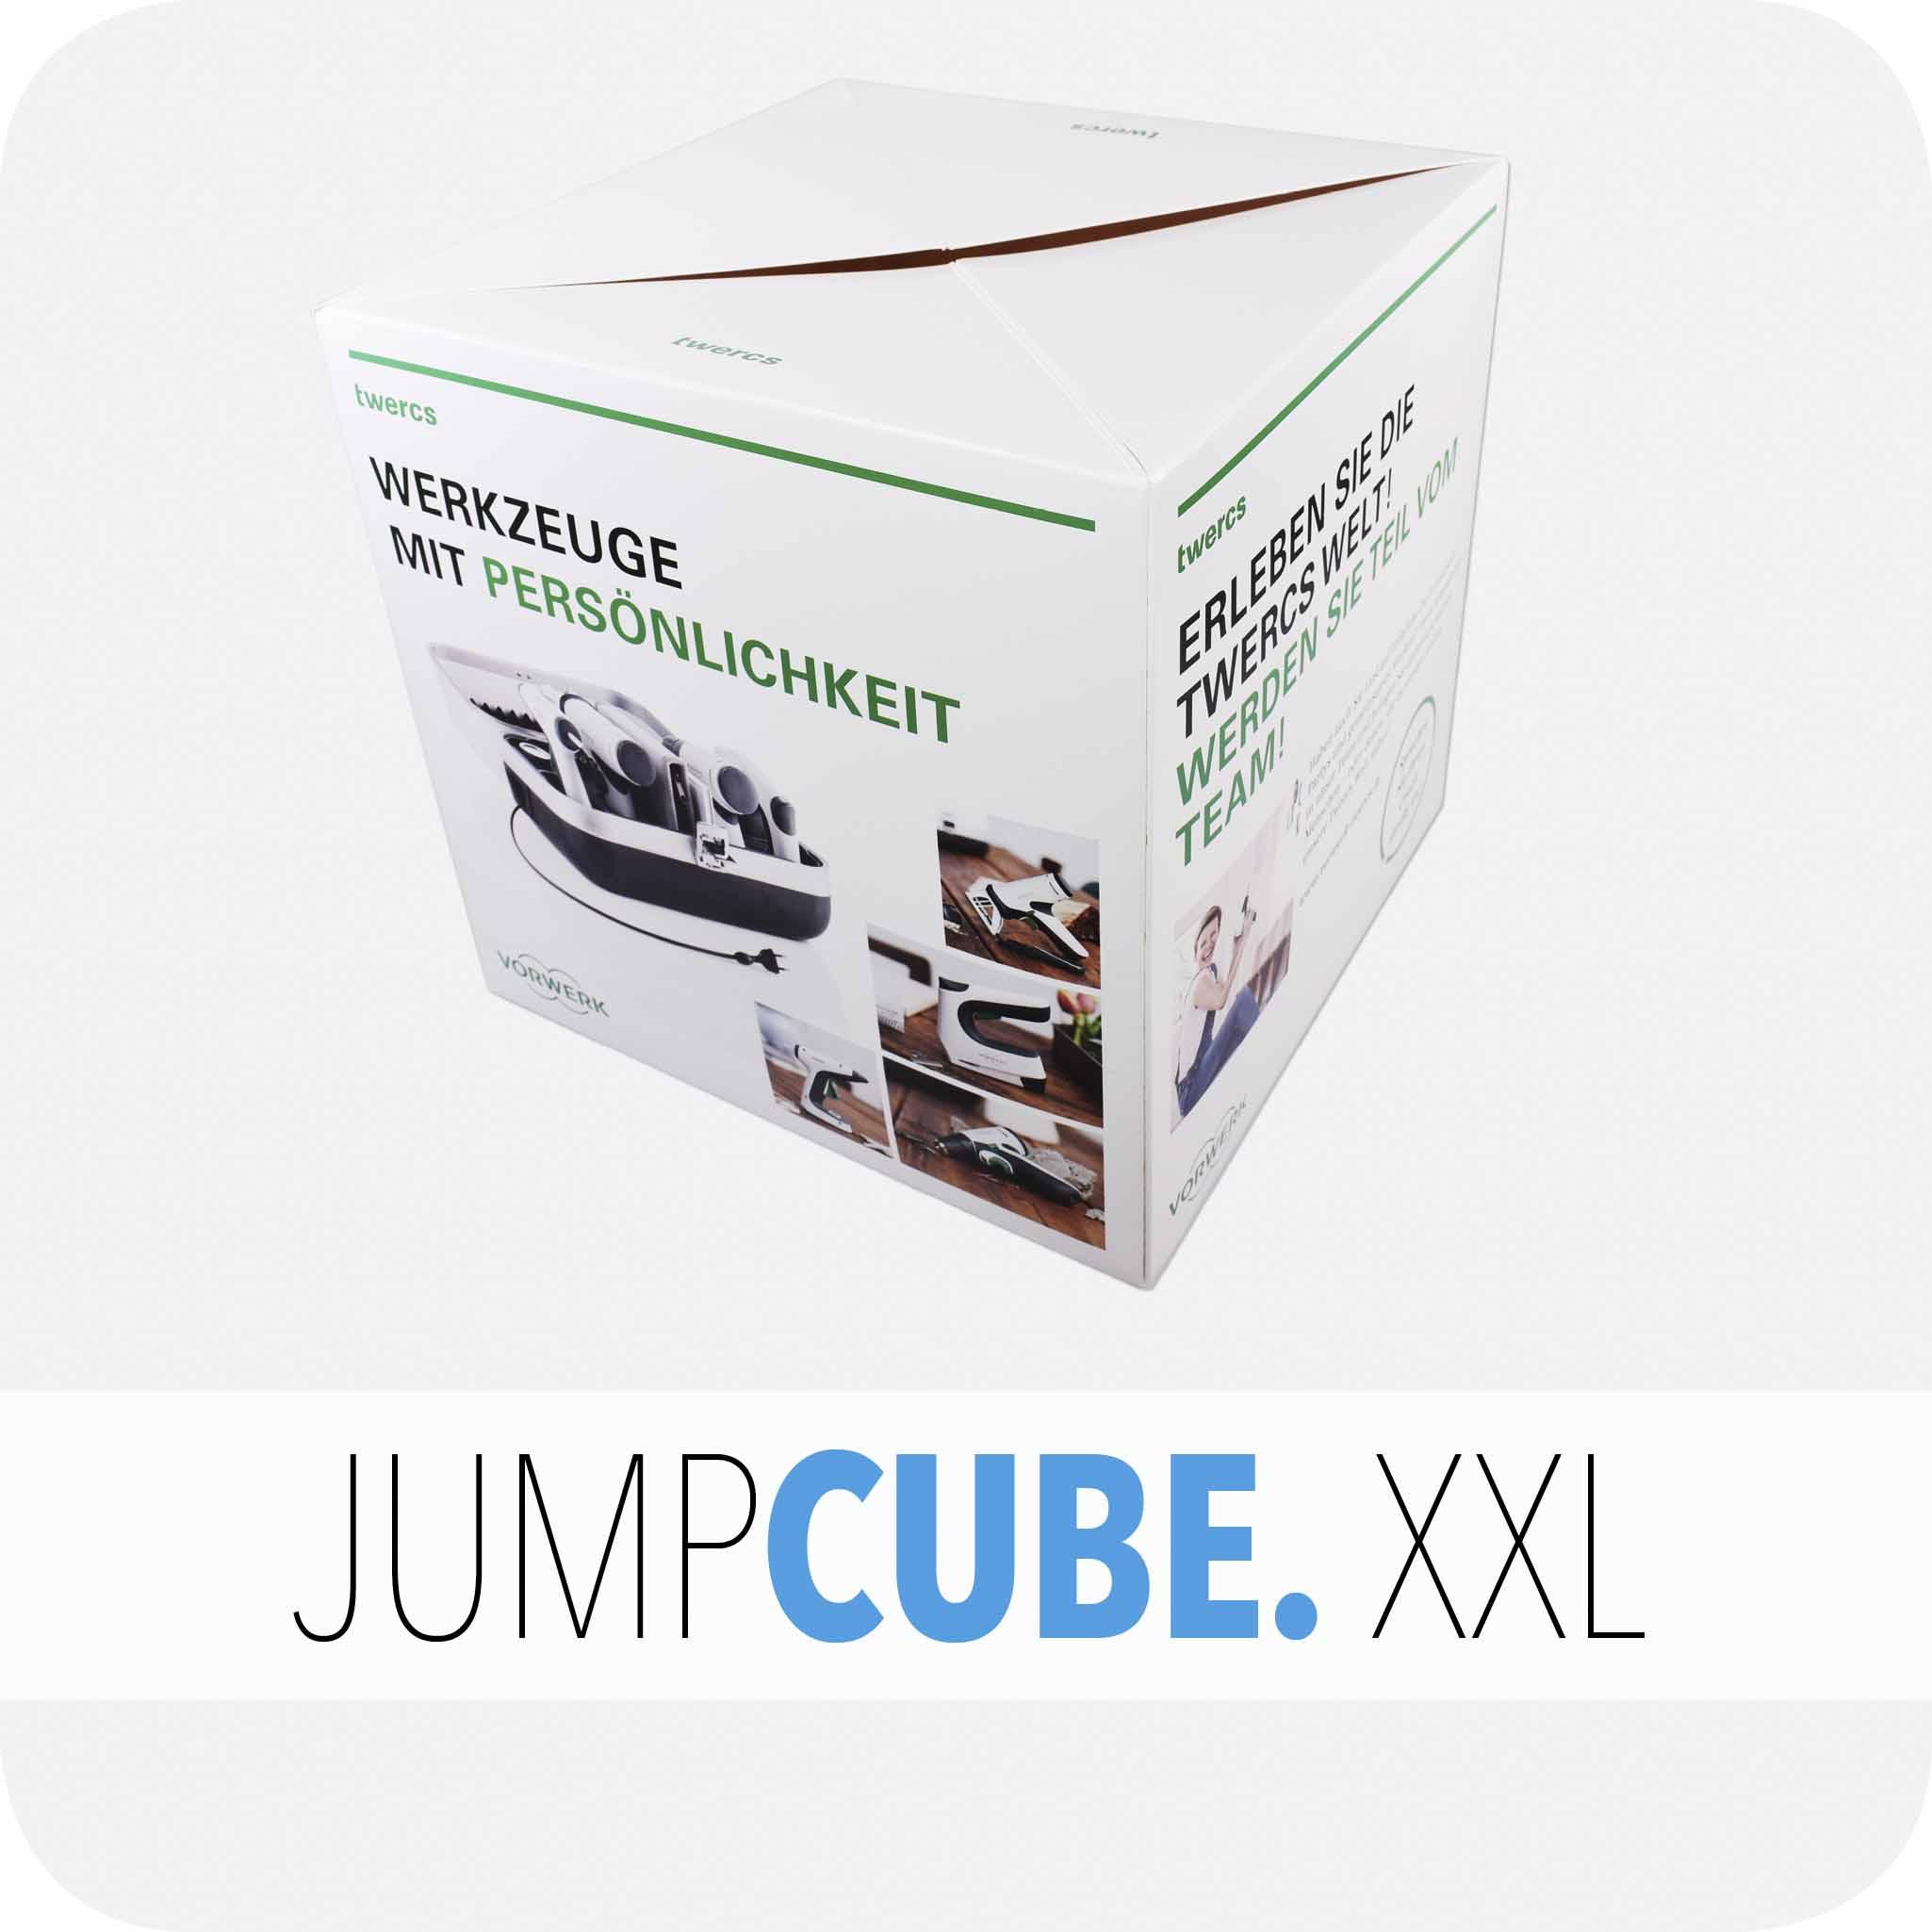 Jumpcube XXL